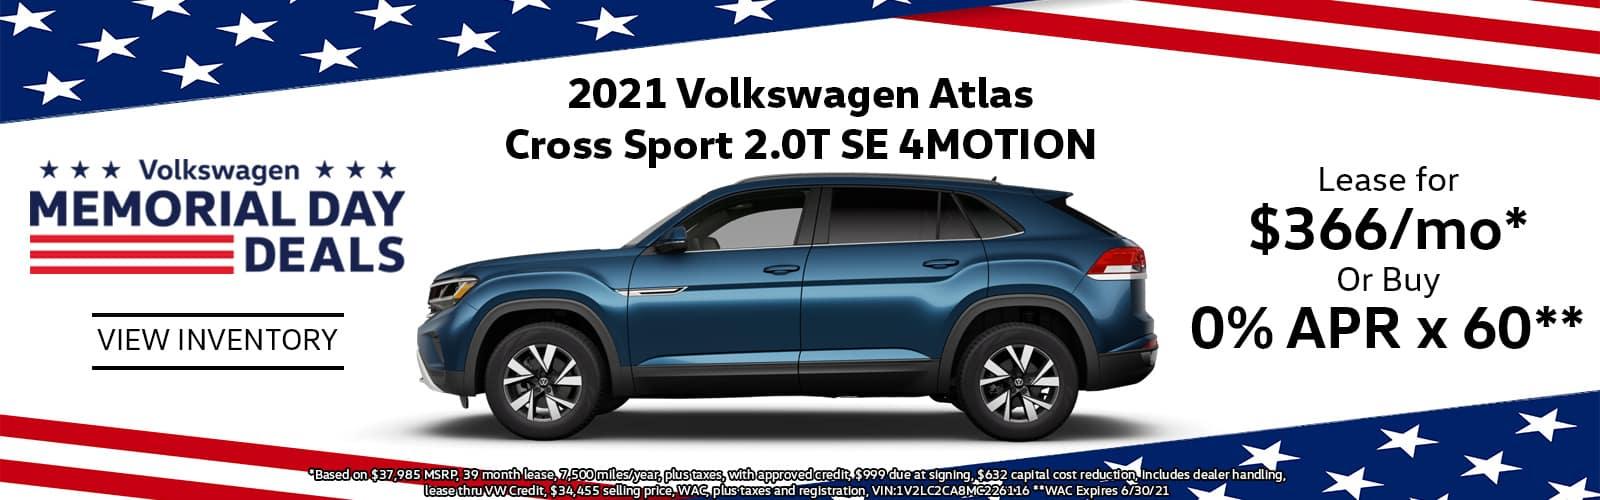 2021 VW Atlas Cross Sport Lease or Buy Special